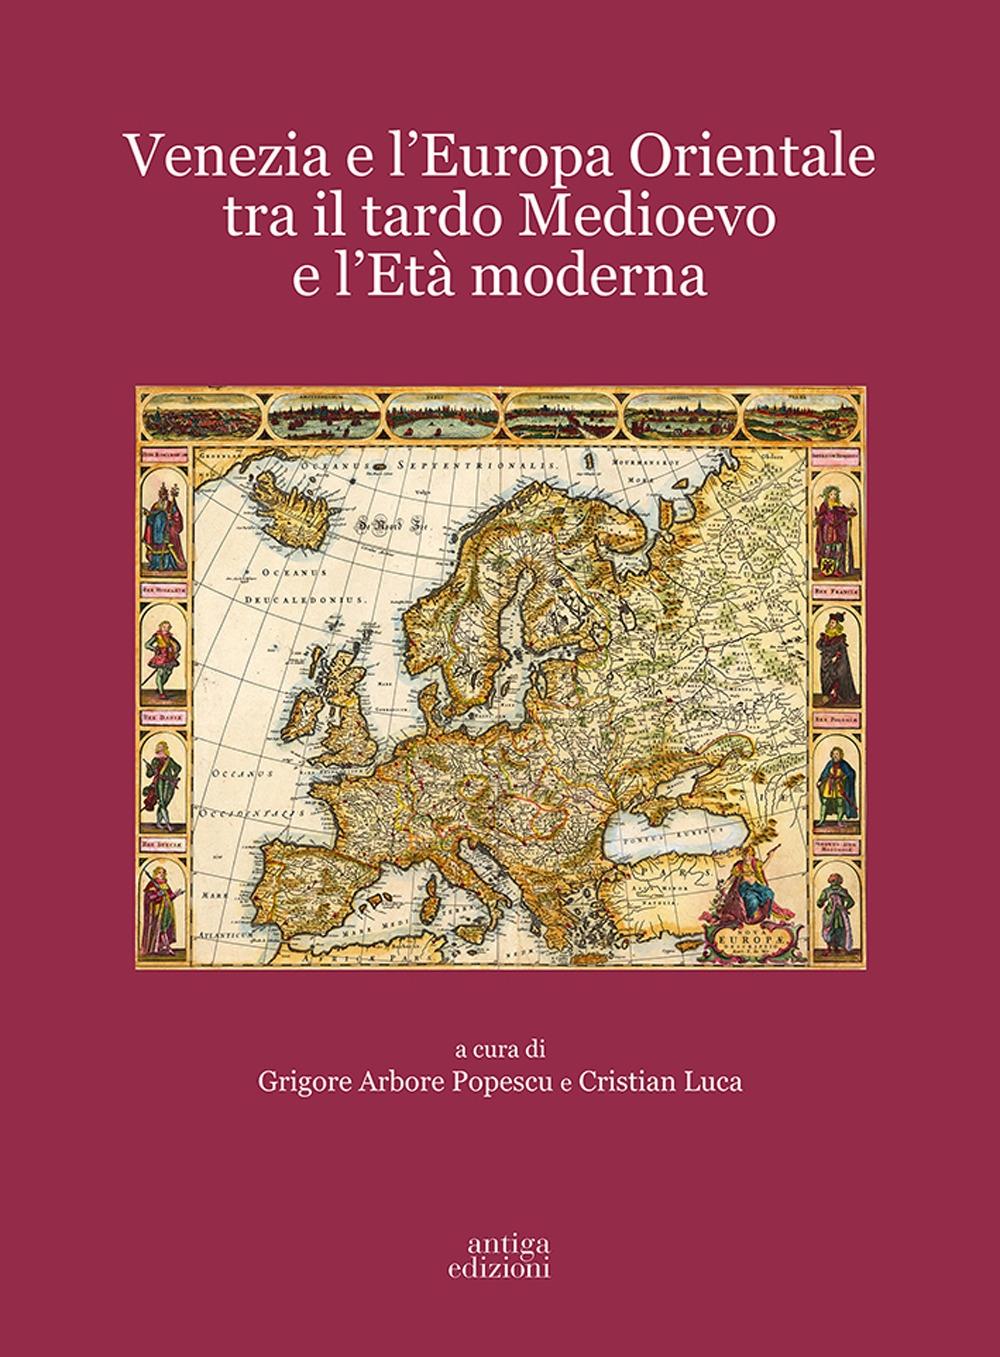 Venezia e l'Europa Orientale tra il Tardo Medioevo e l'Età Moderna.